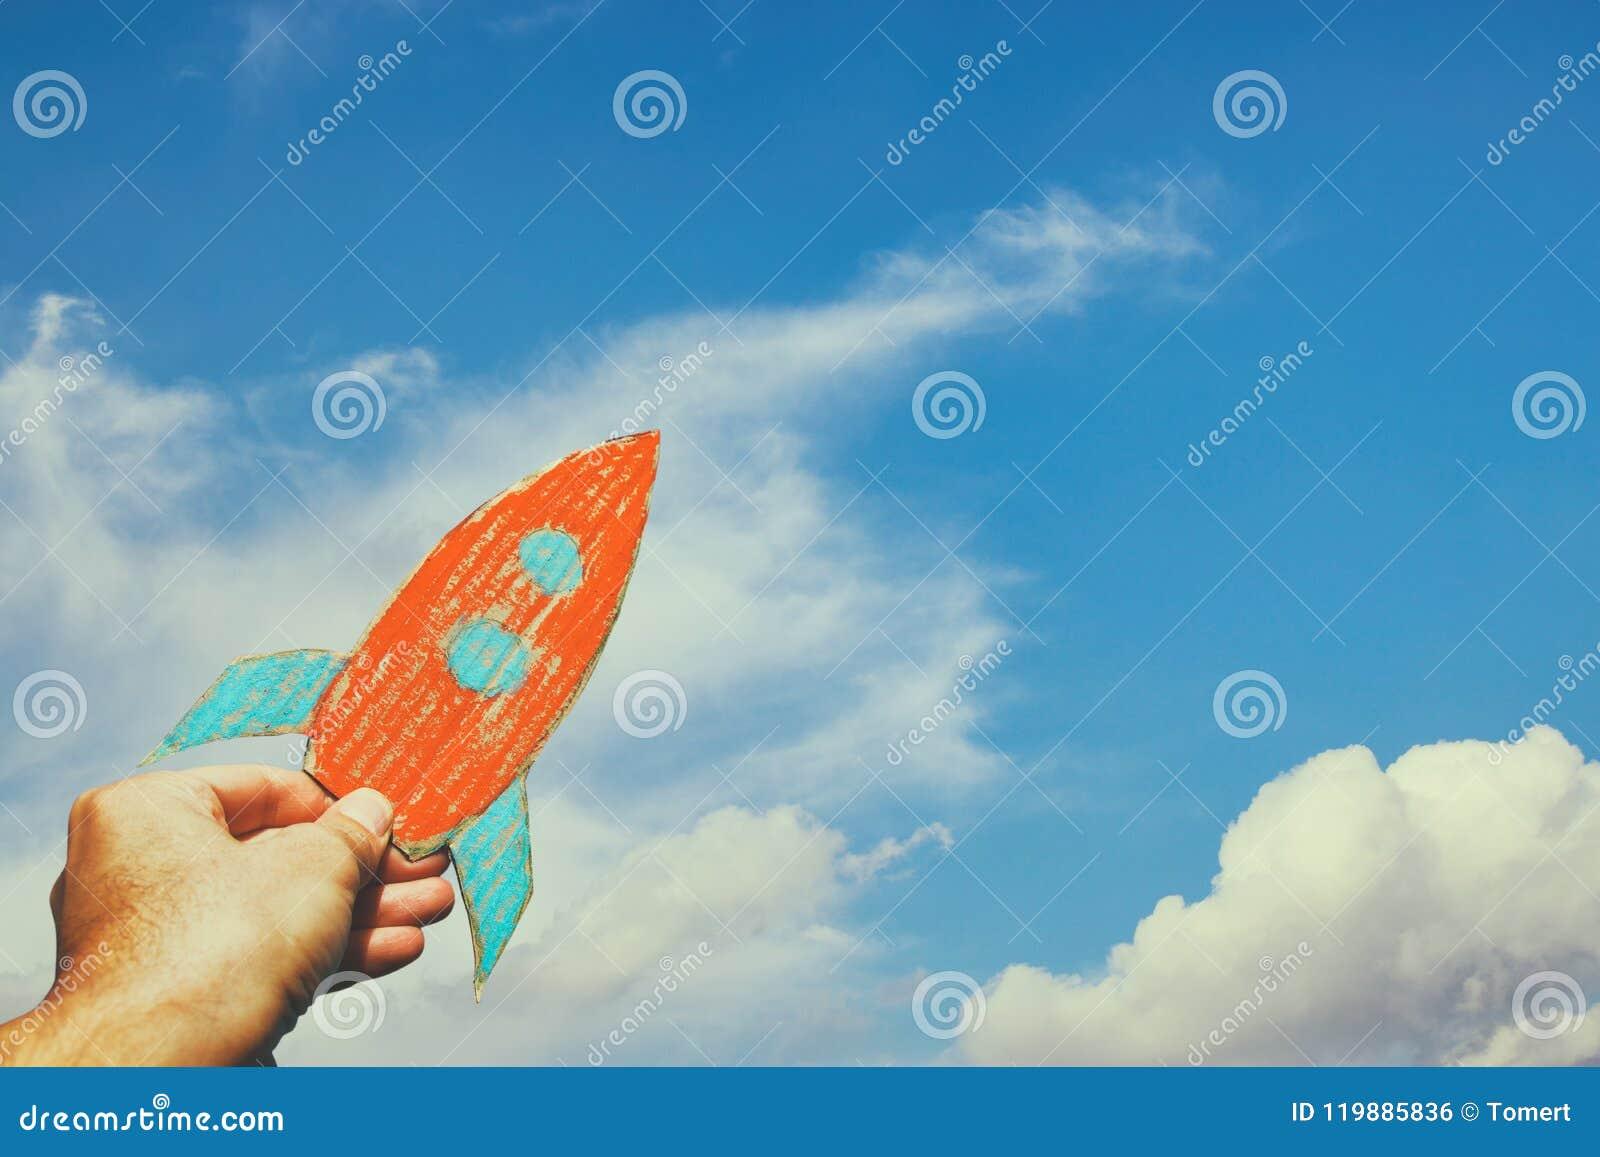 拿着火箭的男性手的图象反对天空 想象力和成功概念